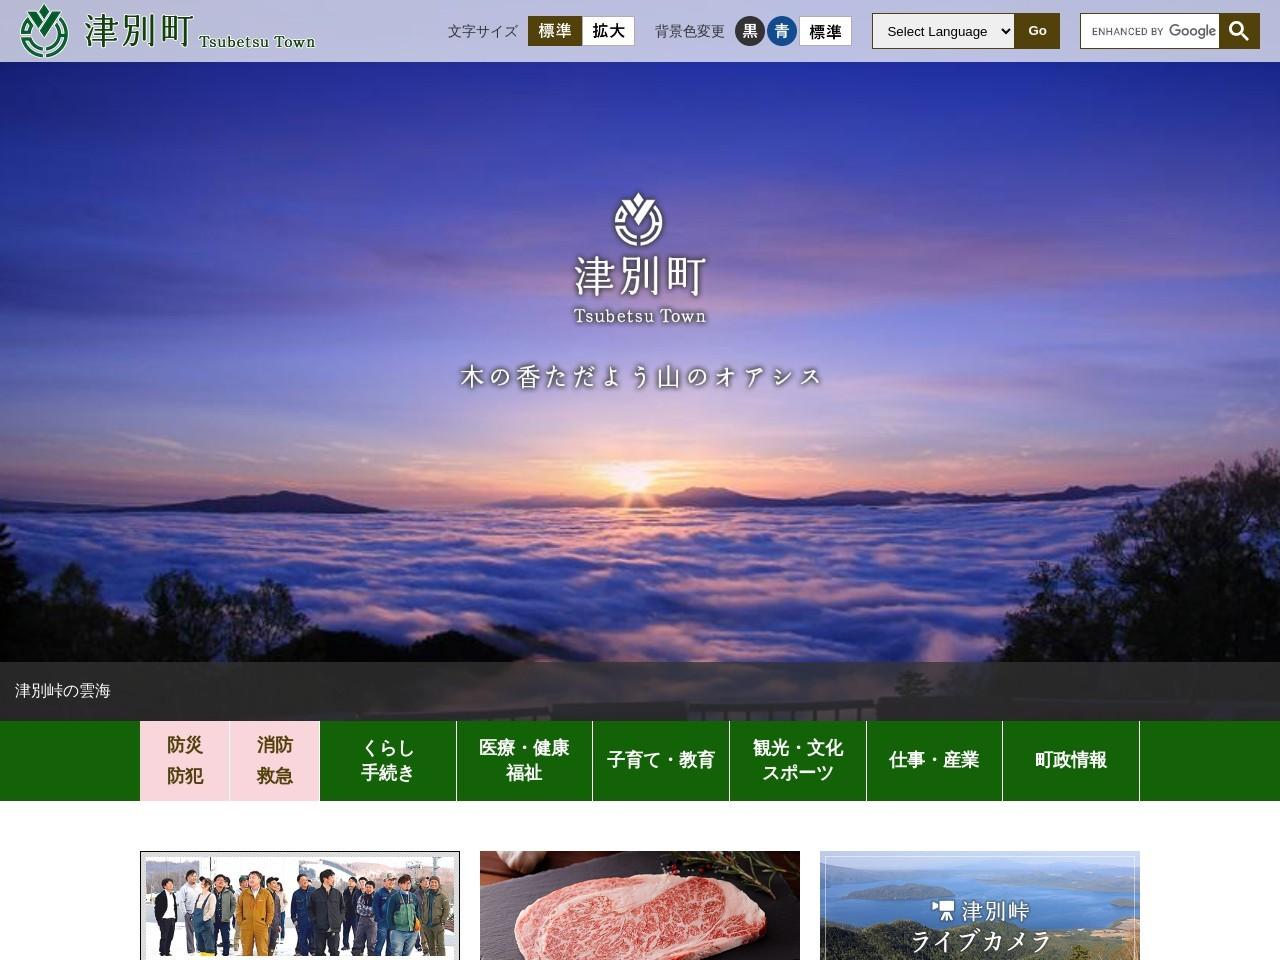 http://www.town.tsubetsu.hokkaido.jp/01news/10oshirase/2019-0205-0921-7.html